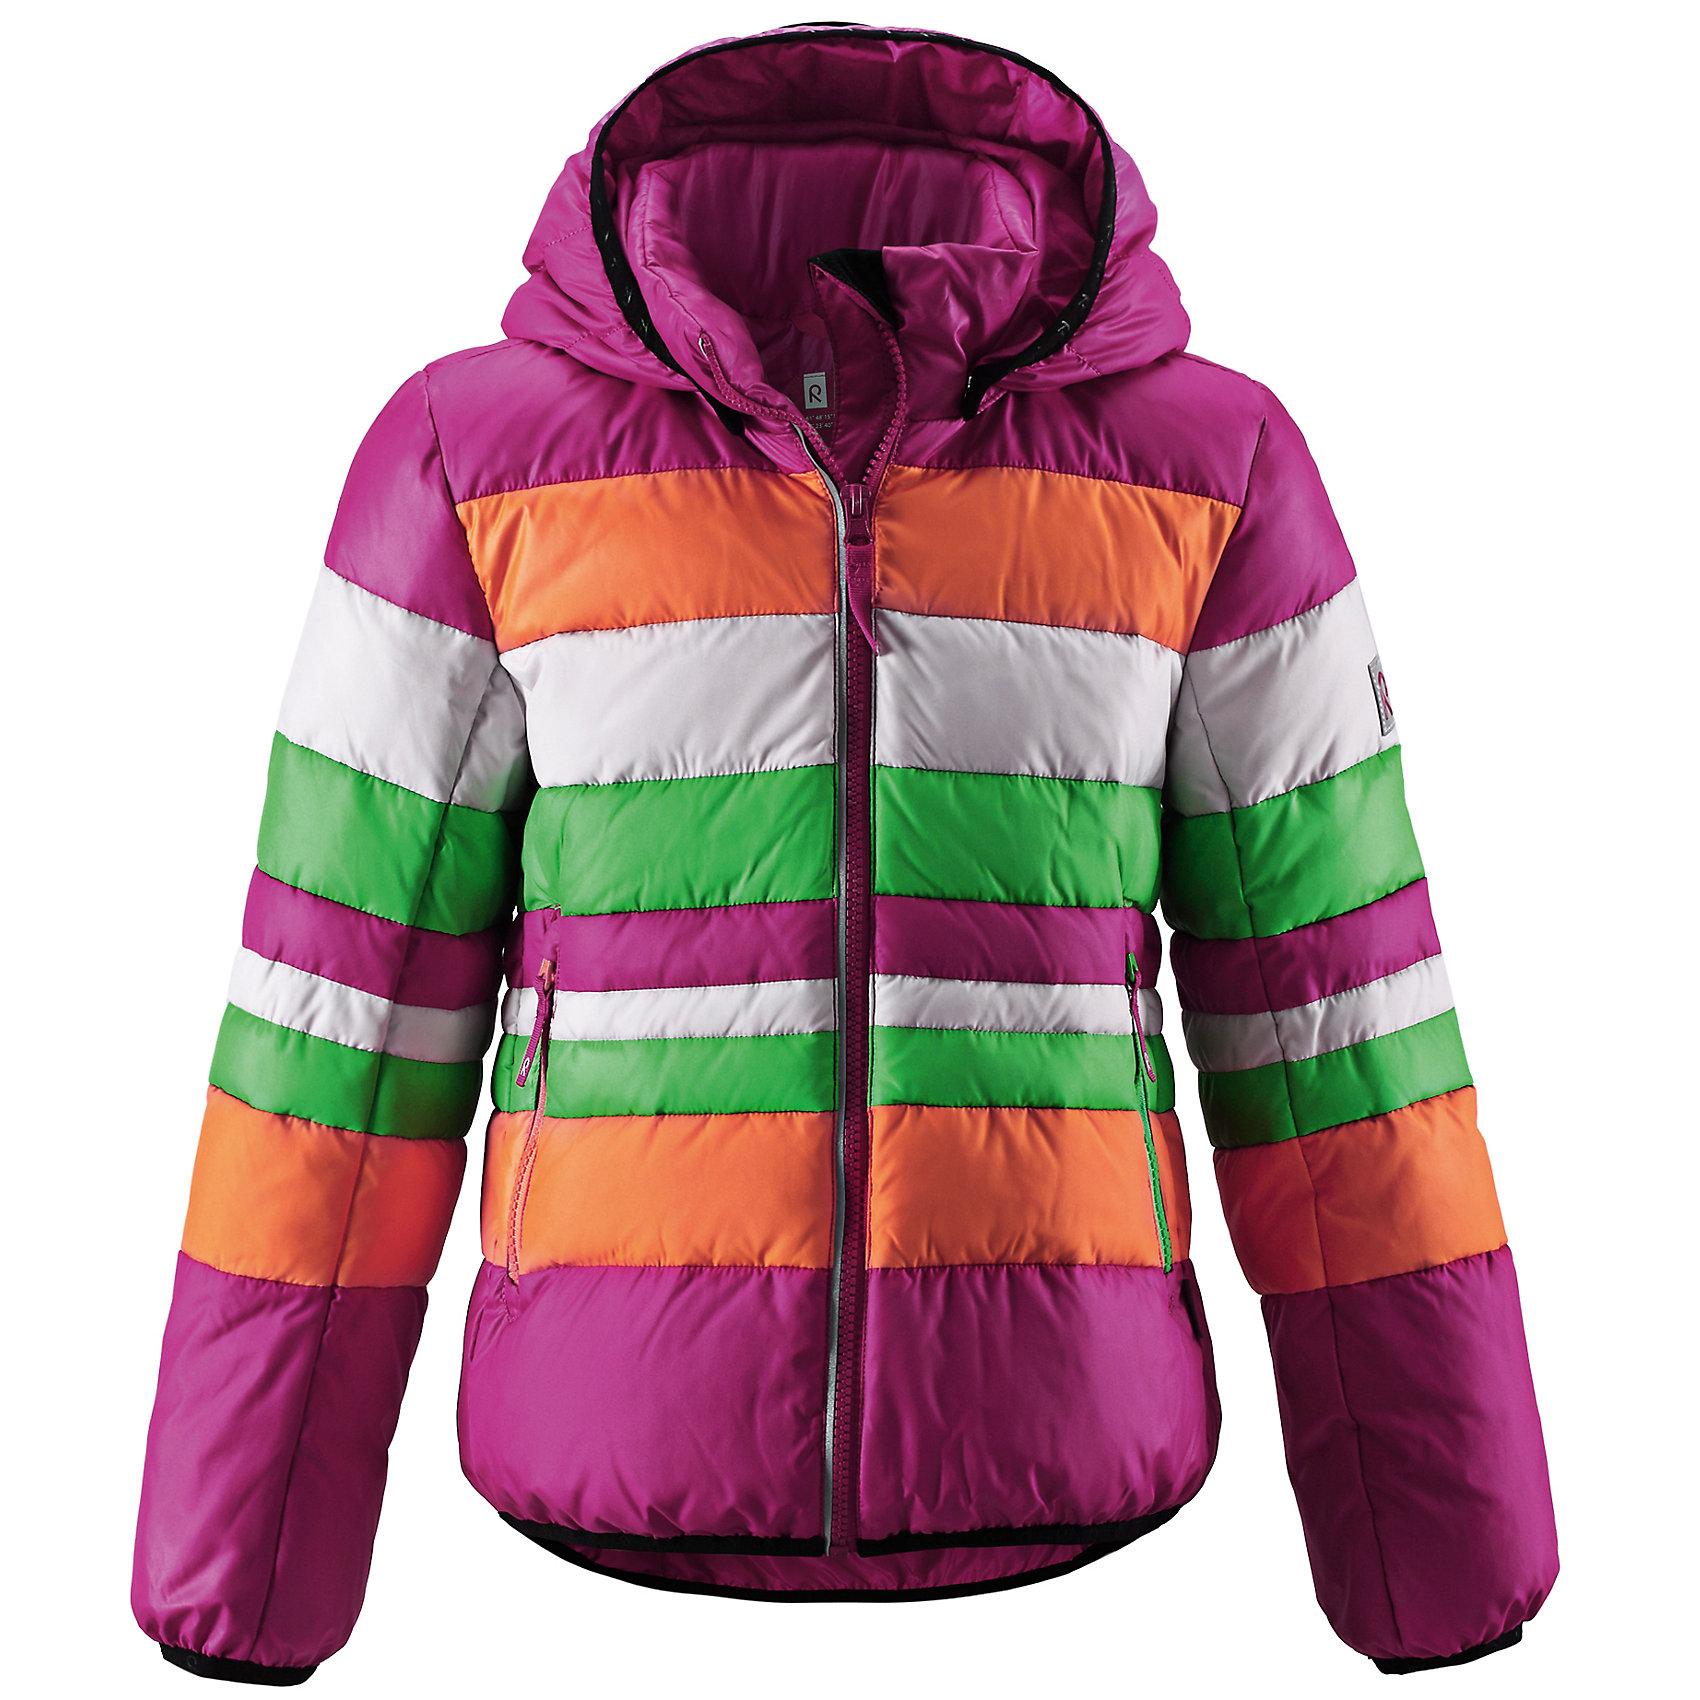 Куртка для девочки ReimaЯркие полоски и пух - отличительные детали этого лёгкого детского пуховика! Пропускающий воздух пуховик надёжно согреет ребёнка поздней осенью. Сочетание ярких цветов радует глаз, когда вы гуляете по городу или активно проводите время на свежем воздухе. Съёмный капюшон защищает от холодного ветра и безопасен во время игр. Если закреплённый кнопками капюшон зацепится за что-нибудь, он легко отстегнётся. Обратите внимание, что забавные молнии контрастного цвета придают изюминку яркому образу!<br><br>Лёгкий пуховик для девочек-подростков<br>Эластичный кант на манжетах рукавов, капюшоне и подоле пуховика<br>Молнии контрастного цвета <br>Безопасный съёмный регулируемый капюшон <br>Два кармана на молниях <br>Состав:<br>100% ПЭ<br>Средняя степень утепления (до - 20)<br>Утеплитель: пух<br><br>Куртку для девочки Reima (Рейма) можно купить в нашем магазине.<br><br>Ширина мм: 356<br>Глубина мм: 10<br>Высота мм: 245<br>Вес г: 519<br>Цвет: розовый<br>Возраст от месяцев: 48<br>Возраст до месяцев: 60<br>Пол: Женский<br>Возраст: Детский<br>Размер: 110,164,122,146,140,134,128,116,104<br>SKU: 4209032